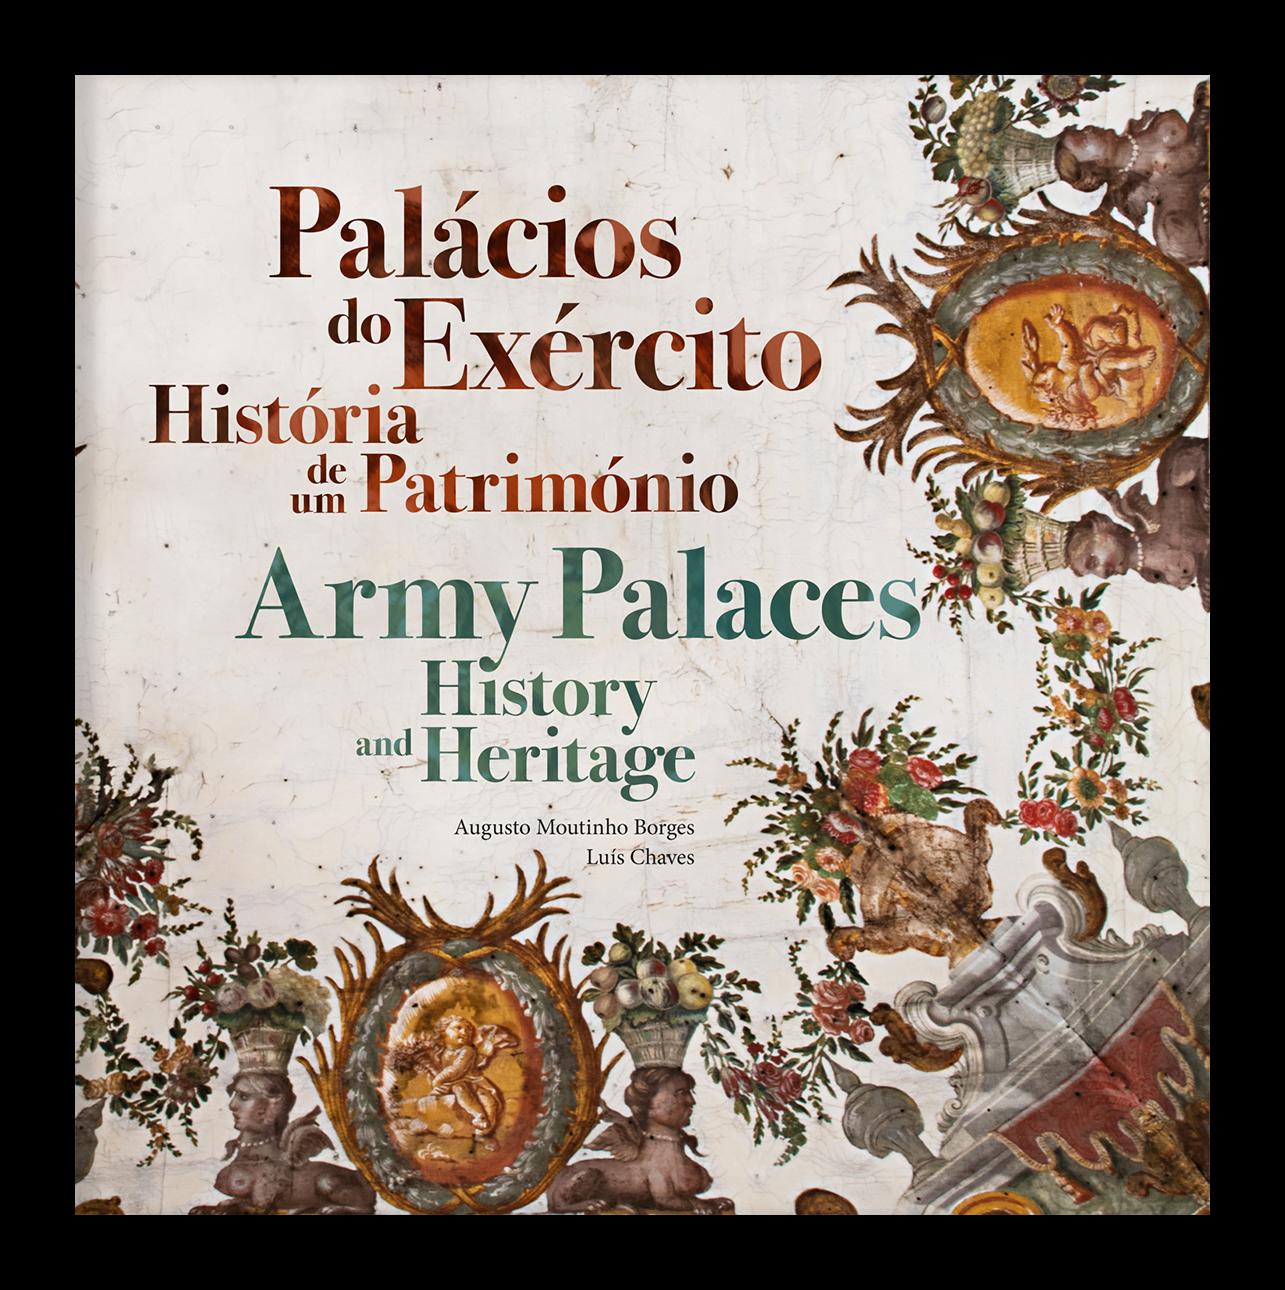 Palácios do Exército